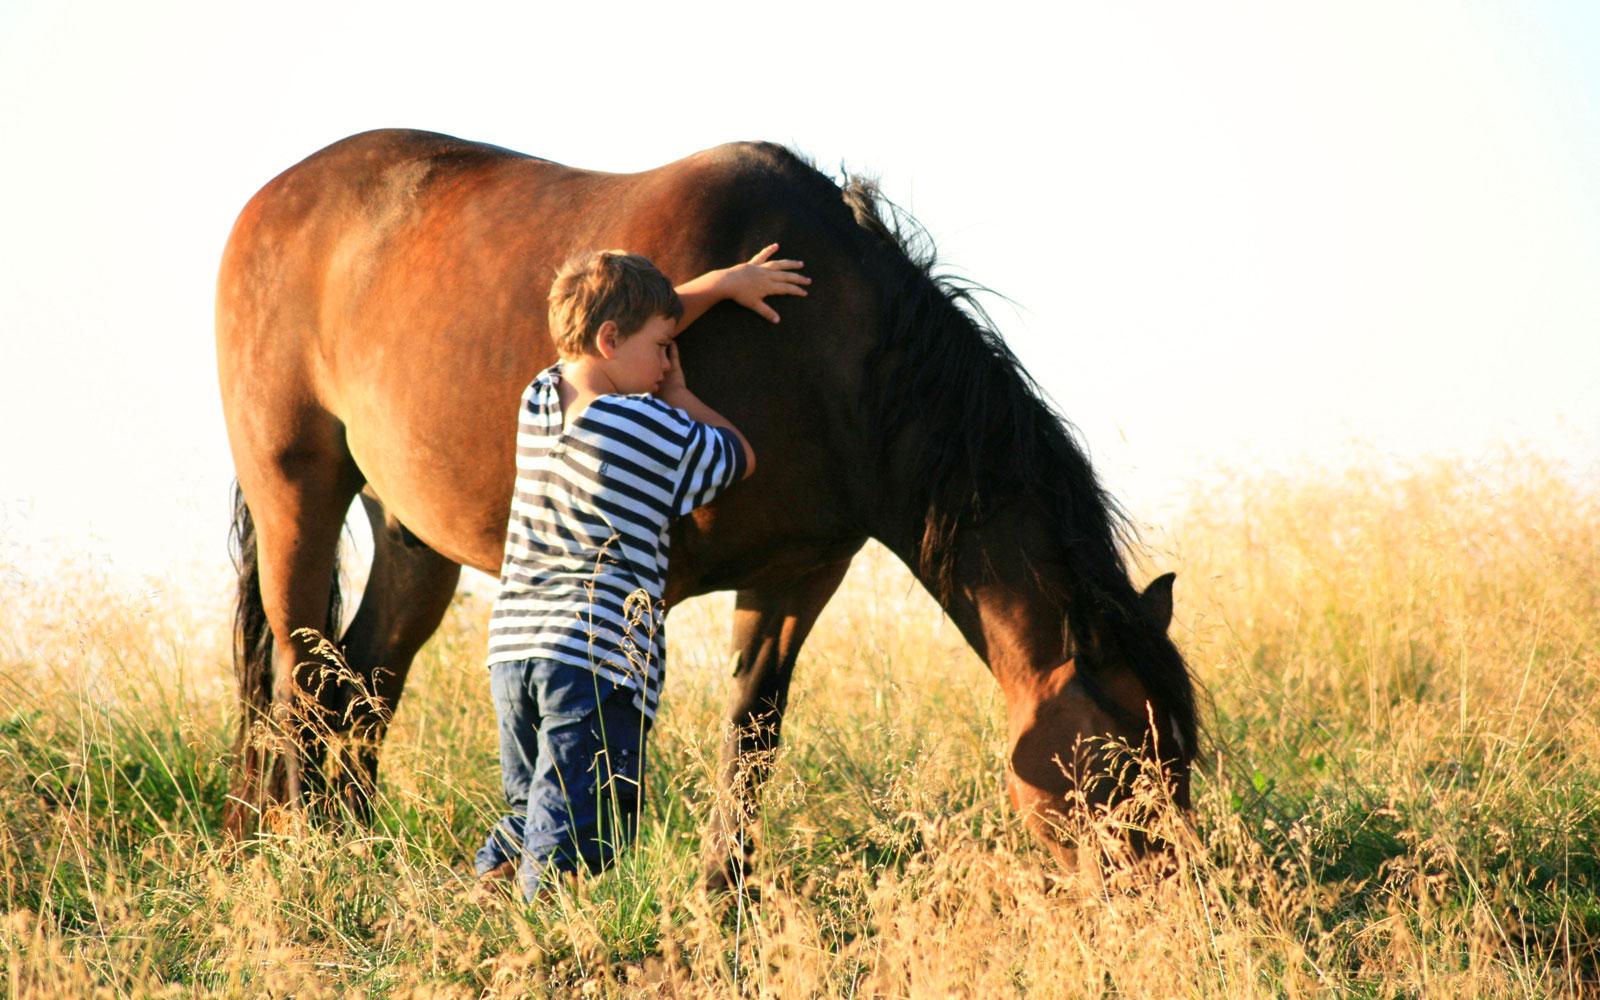 www.michaelihof.at    Michaelihof     Das SPIEGELSPIEL MIT PFERDEN: Bei diesem Spiel geht es darum intuitives freies Handeln zu üben, um den Zufall Zeit und Raum zu geben, damit er passieren und sich entwickeln kann. Das Spiegelspiel mit Pferden ist ein Forschungsprojekt das Ausdauer, Mut und Kraft verlangt, um den Strukturwandel unser Zeit zu begreifen.  Video